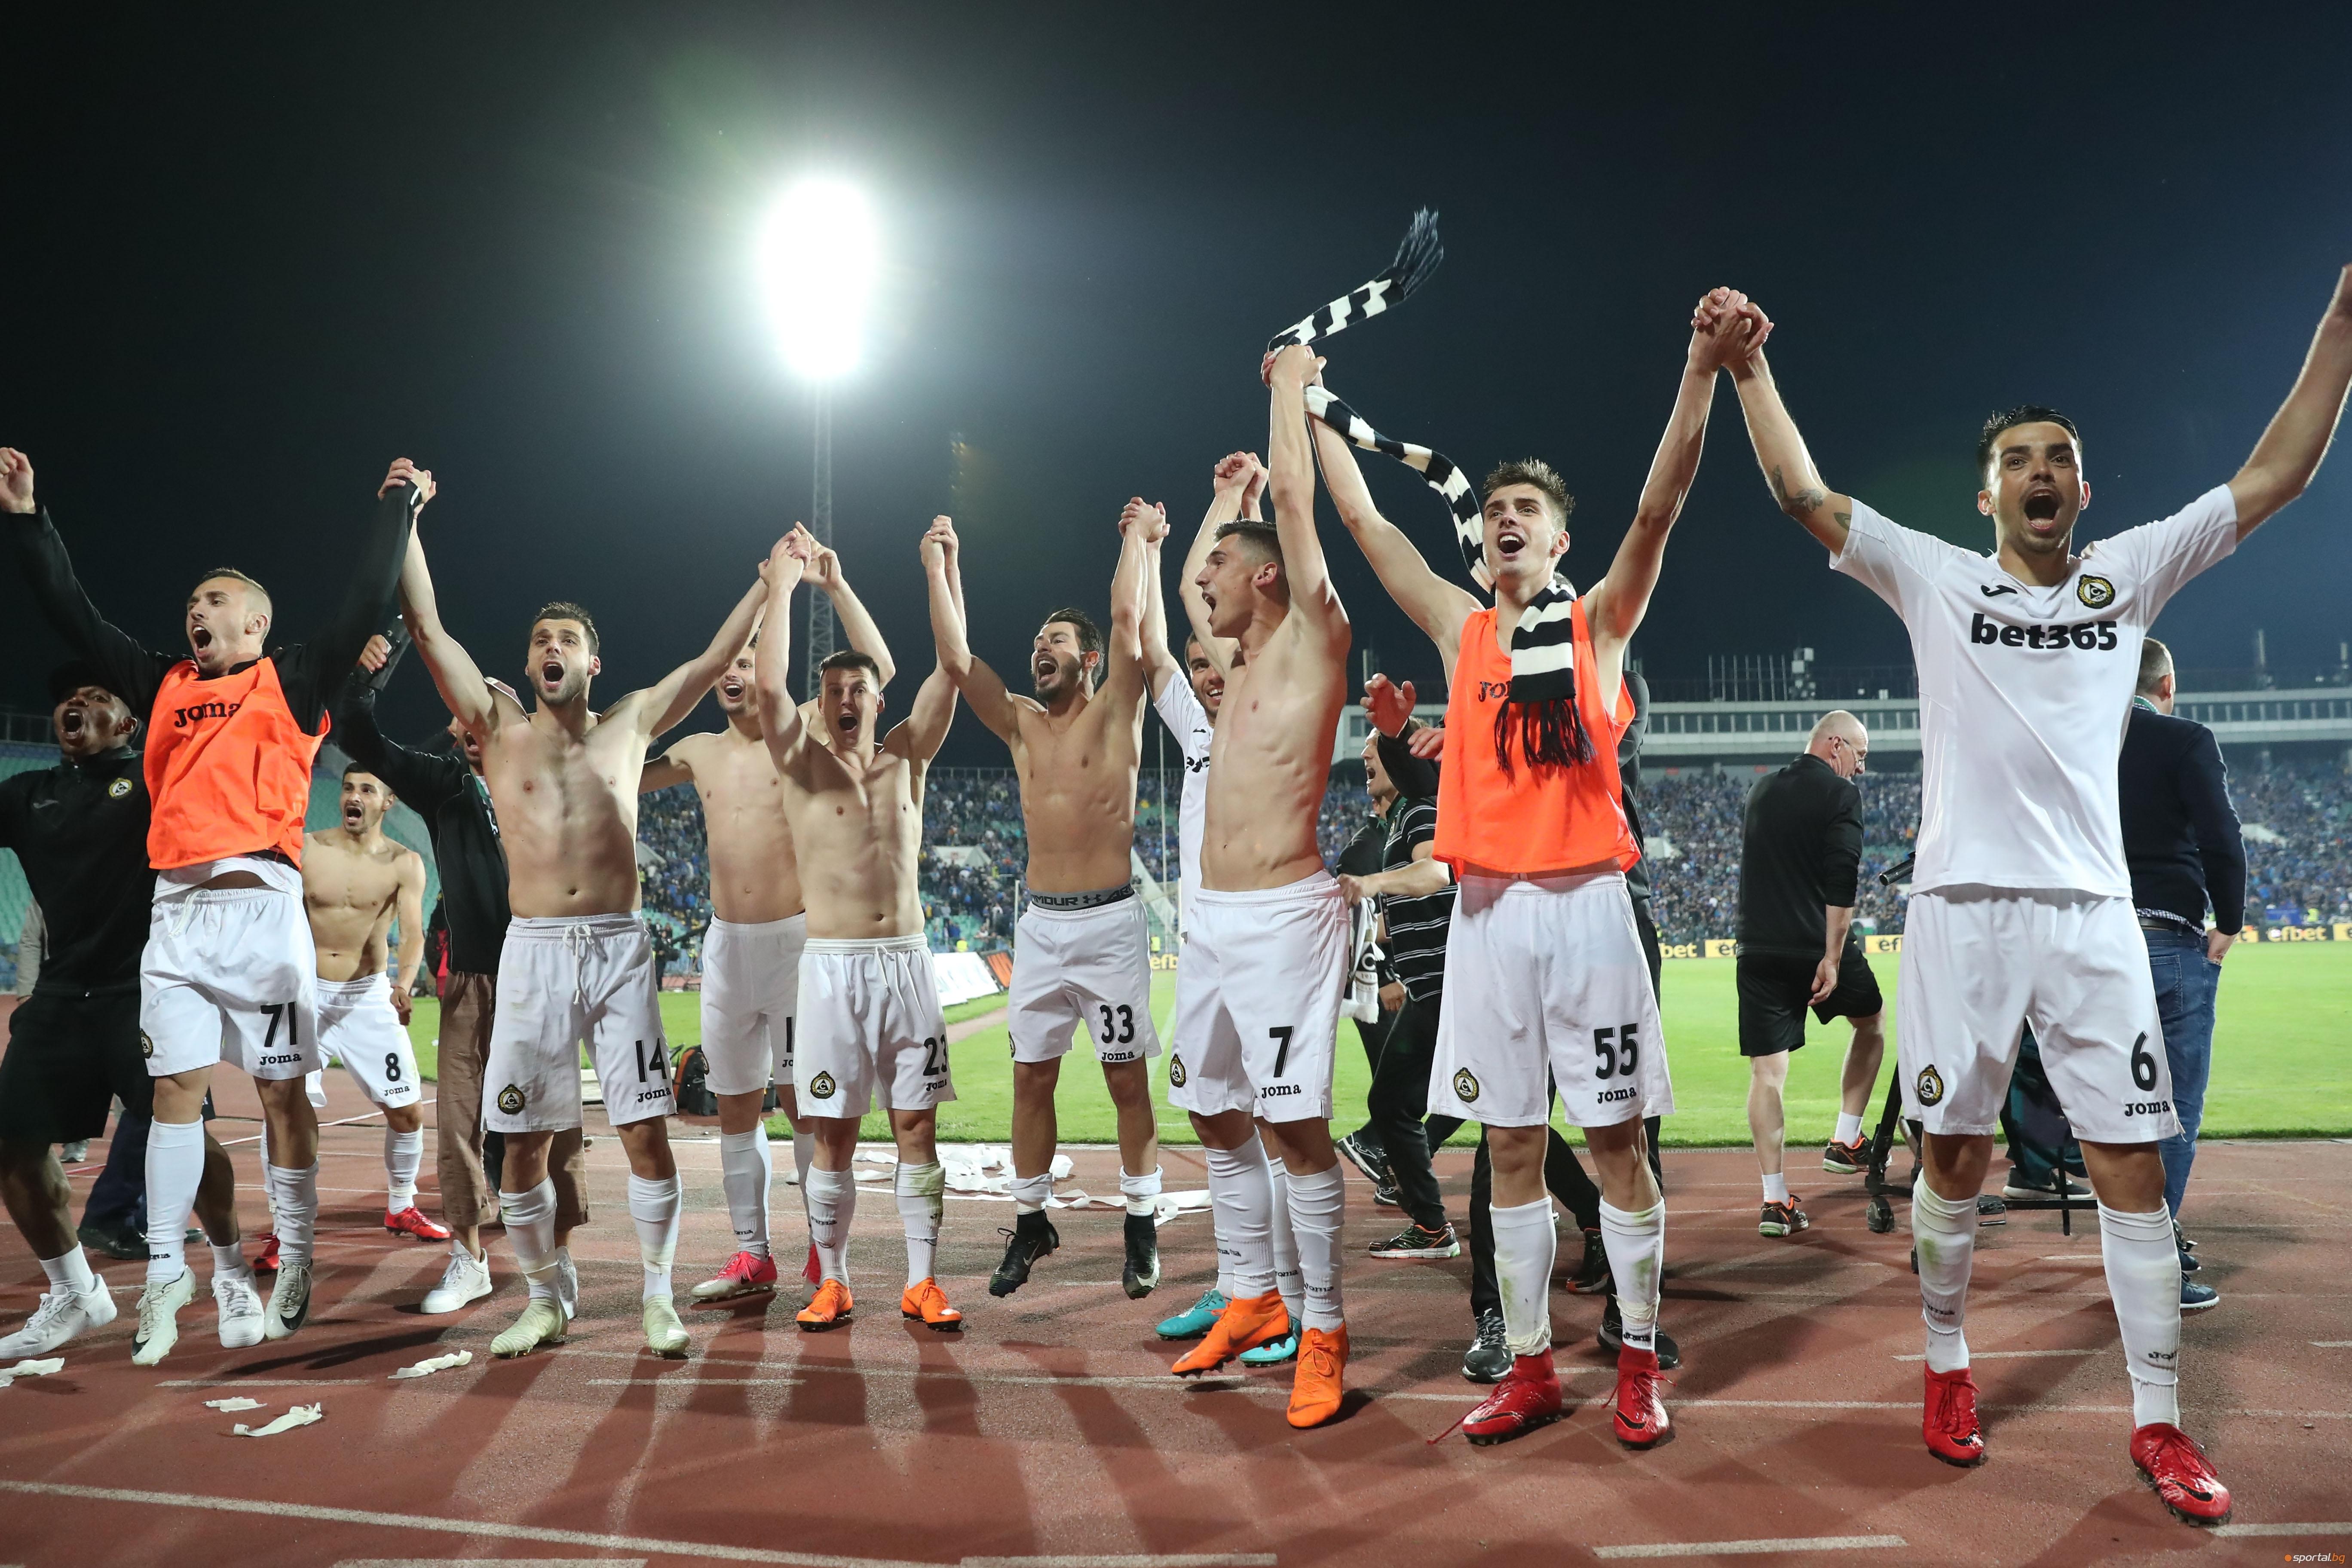 Славия ще се завърне на собствения си стадион в квартал